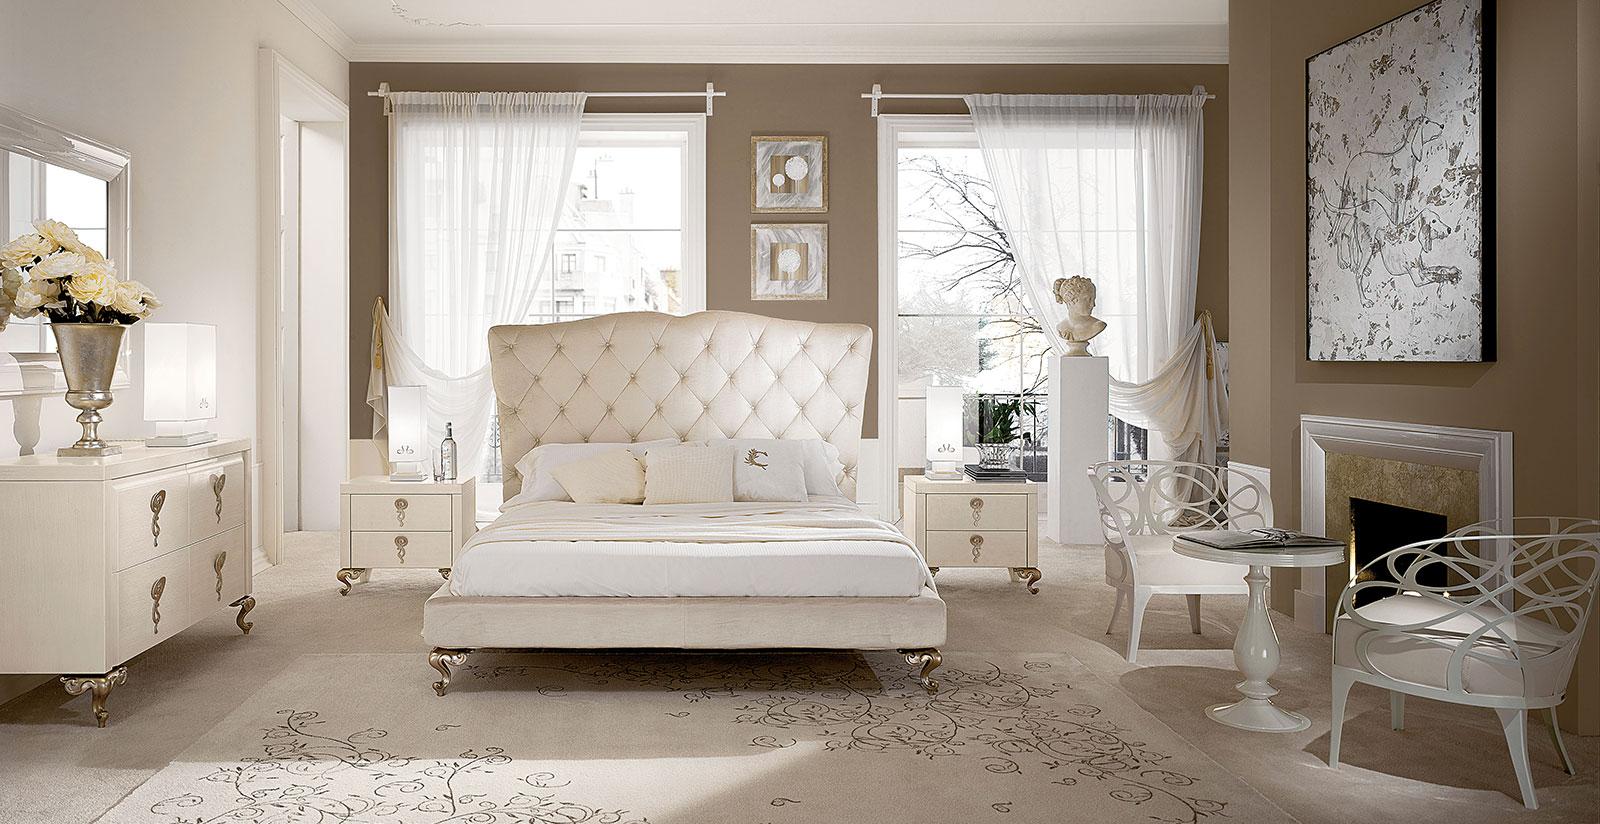 Camere da letto moderne della collezione mediterranean for Camere da letto minimal chic